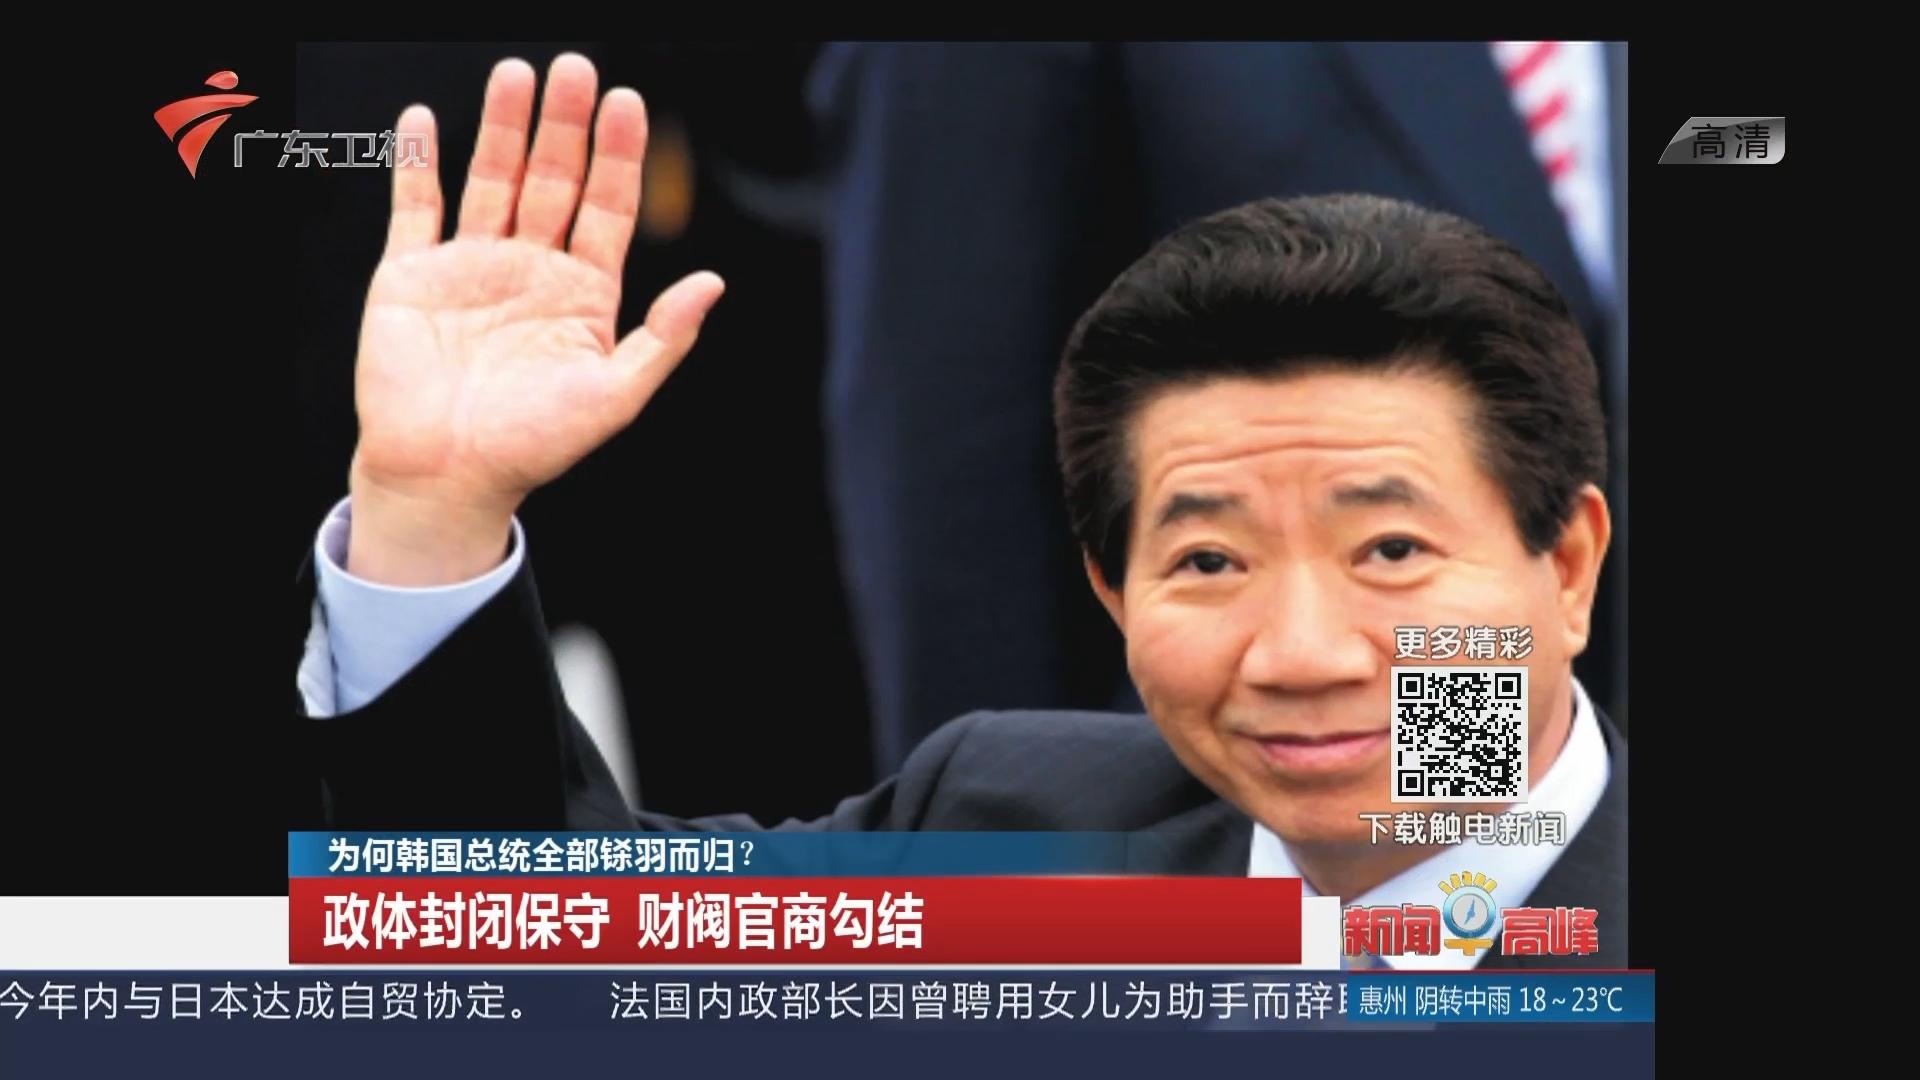 为何韩国总统全部铩羽而归?政体封闭保守 财阀官商勾结